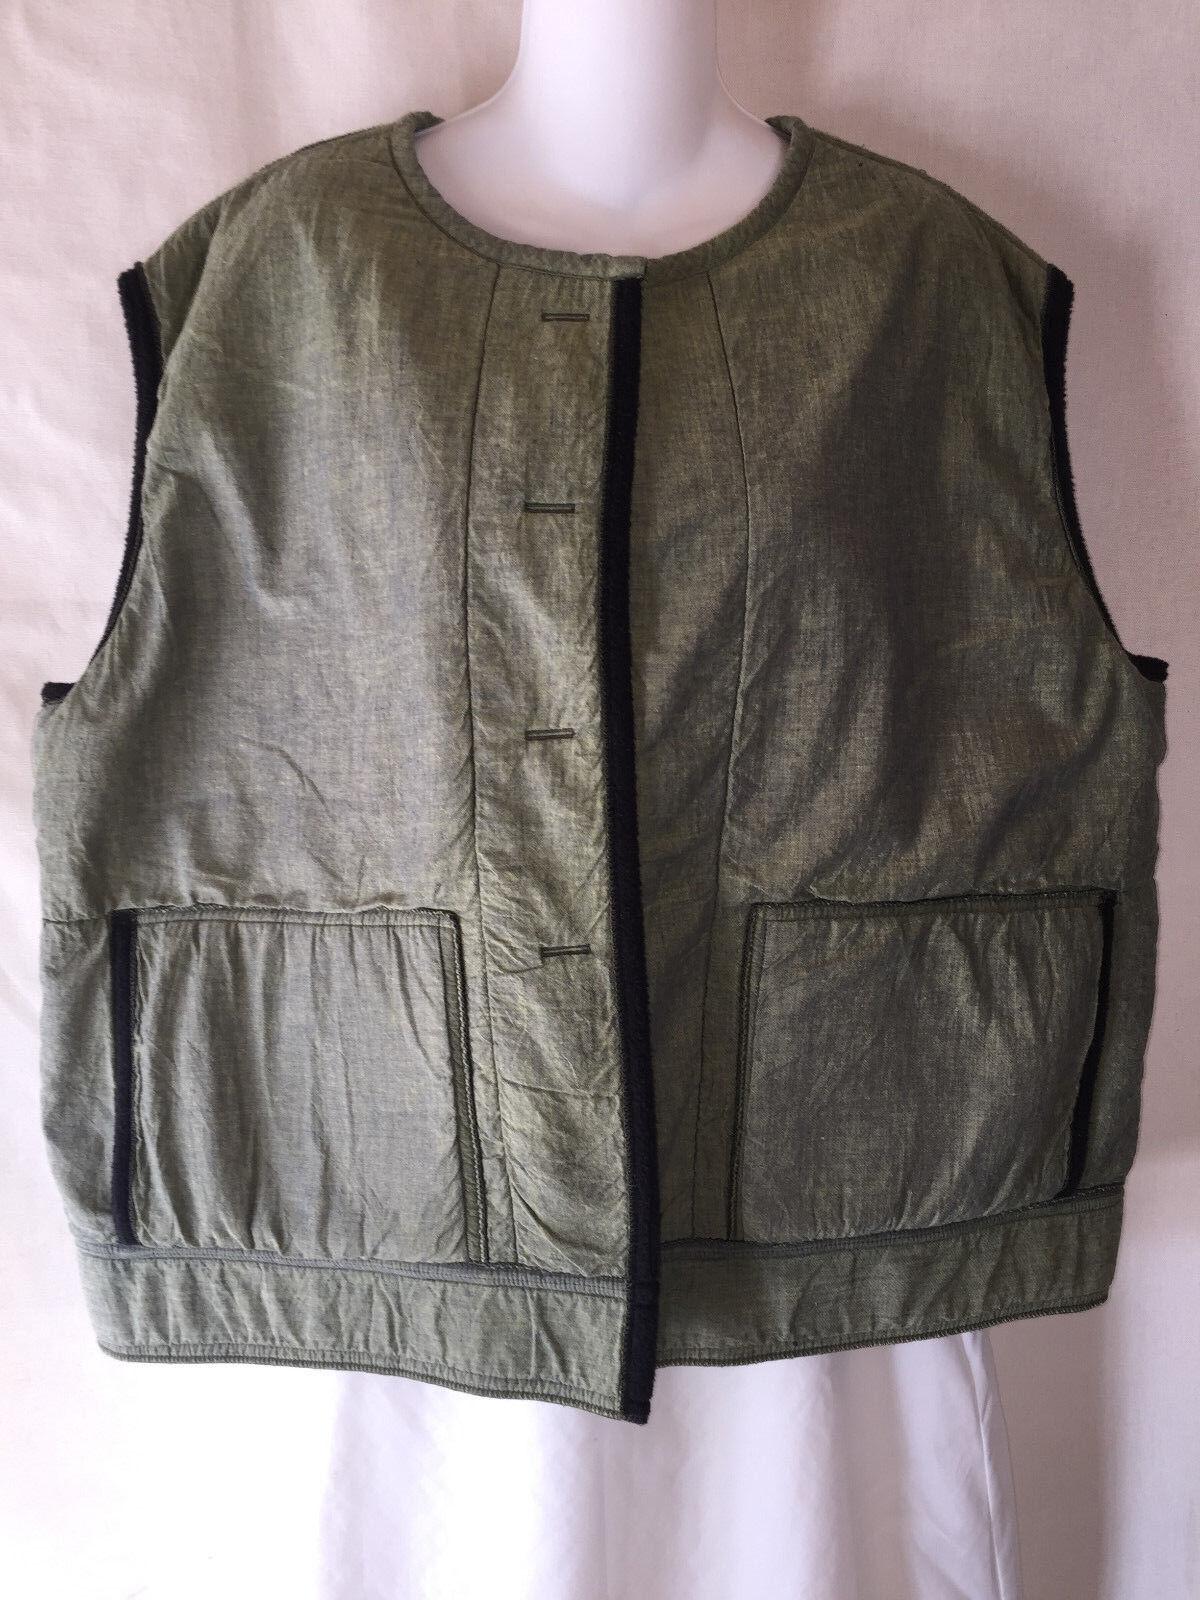 OOAK Handcrafted Fleece Lined Green Cross Cross Cross Weave Vest Warm & Artistic Boho 2X 3X 80e3dc